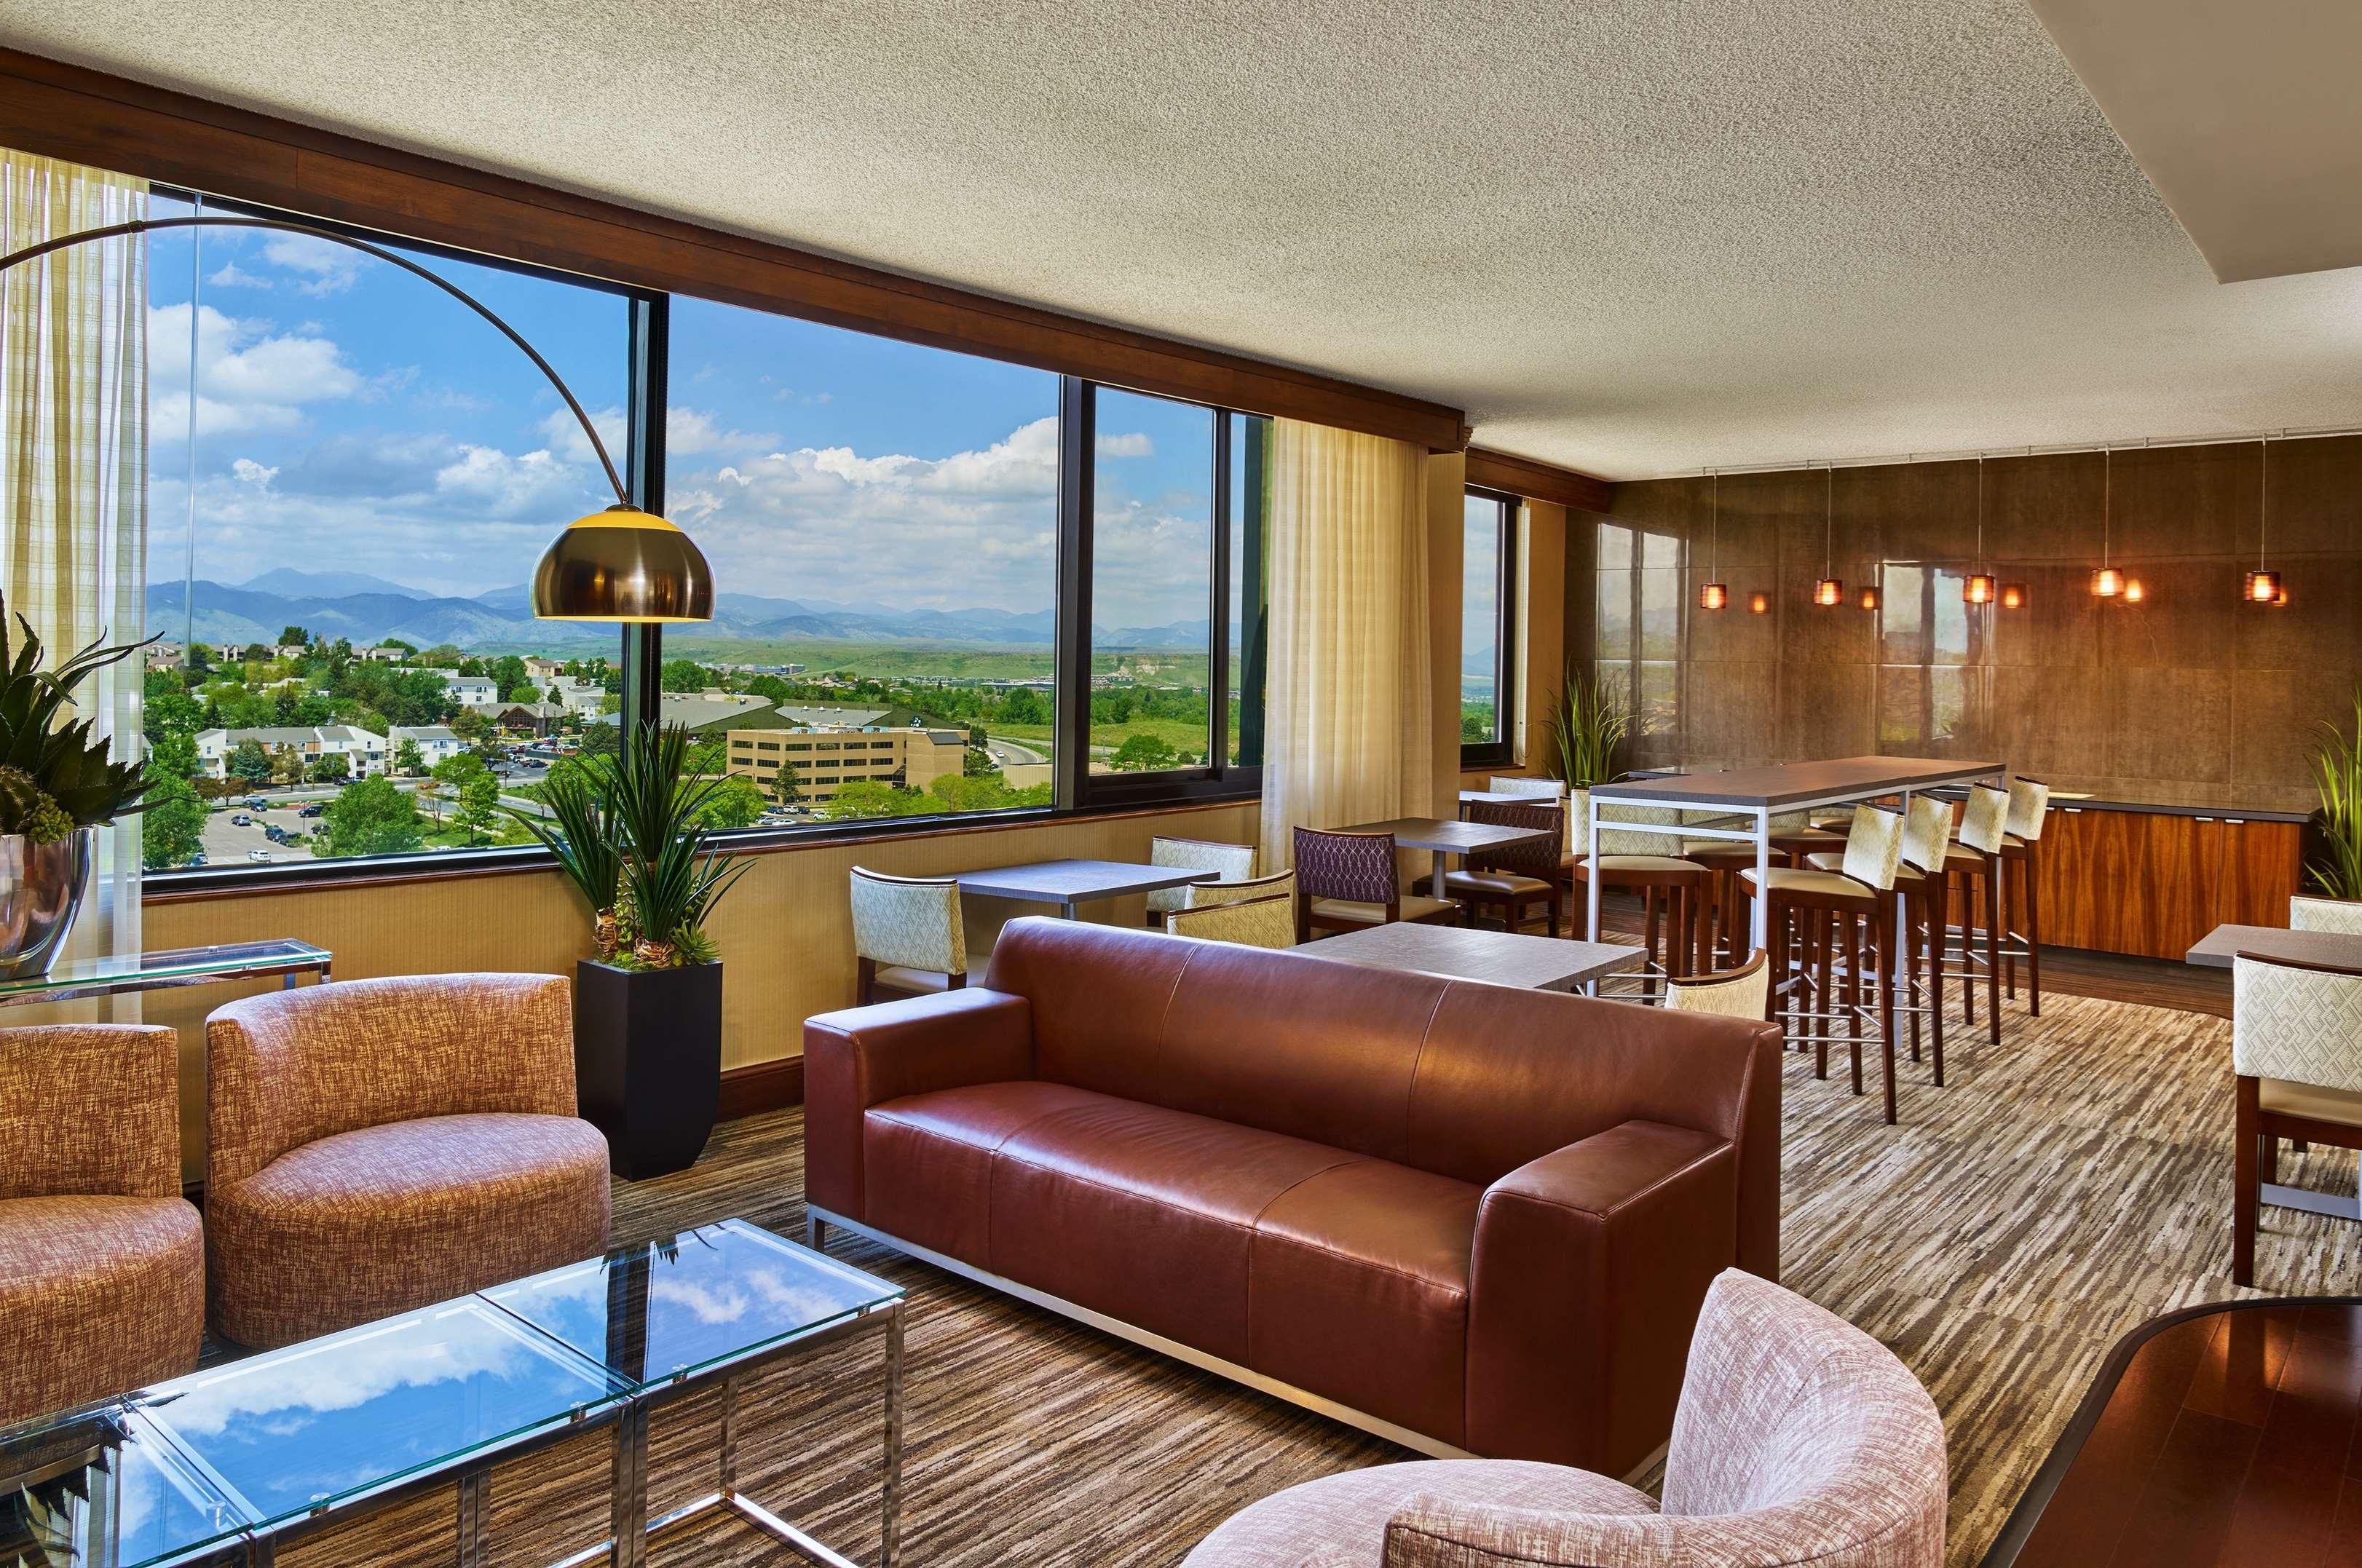 Sheraton Denver West Hotel image 20